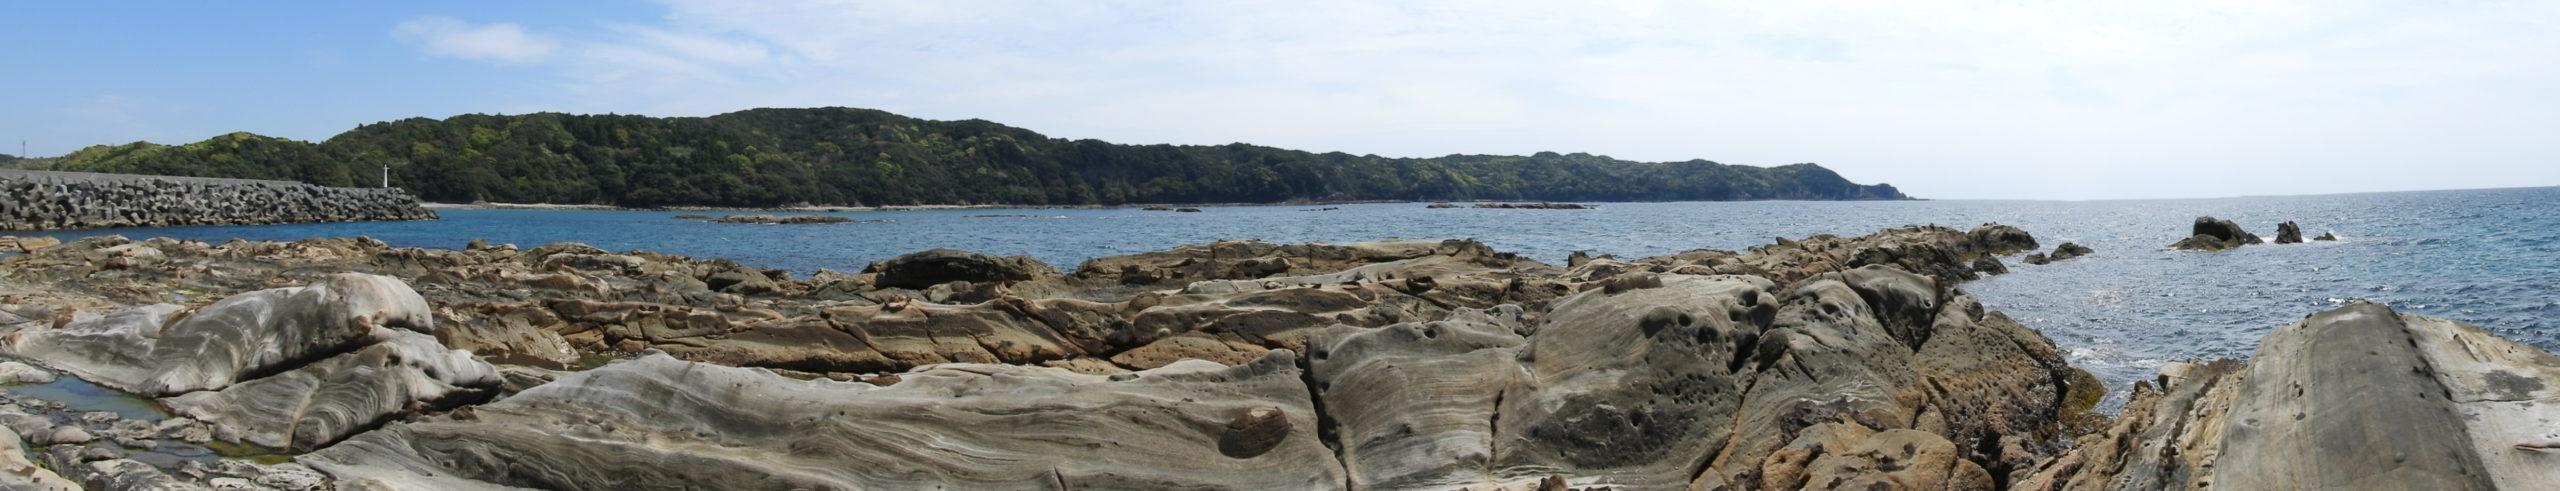 竜串海岸からの全体景観